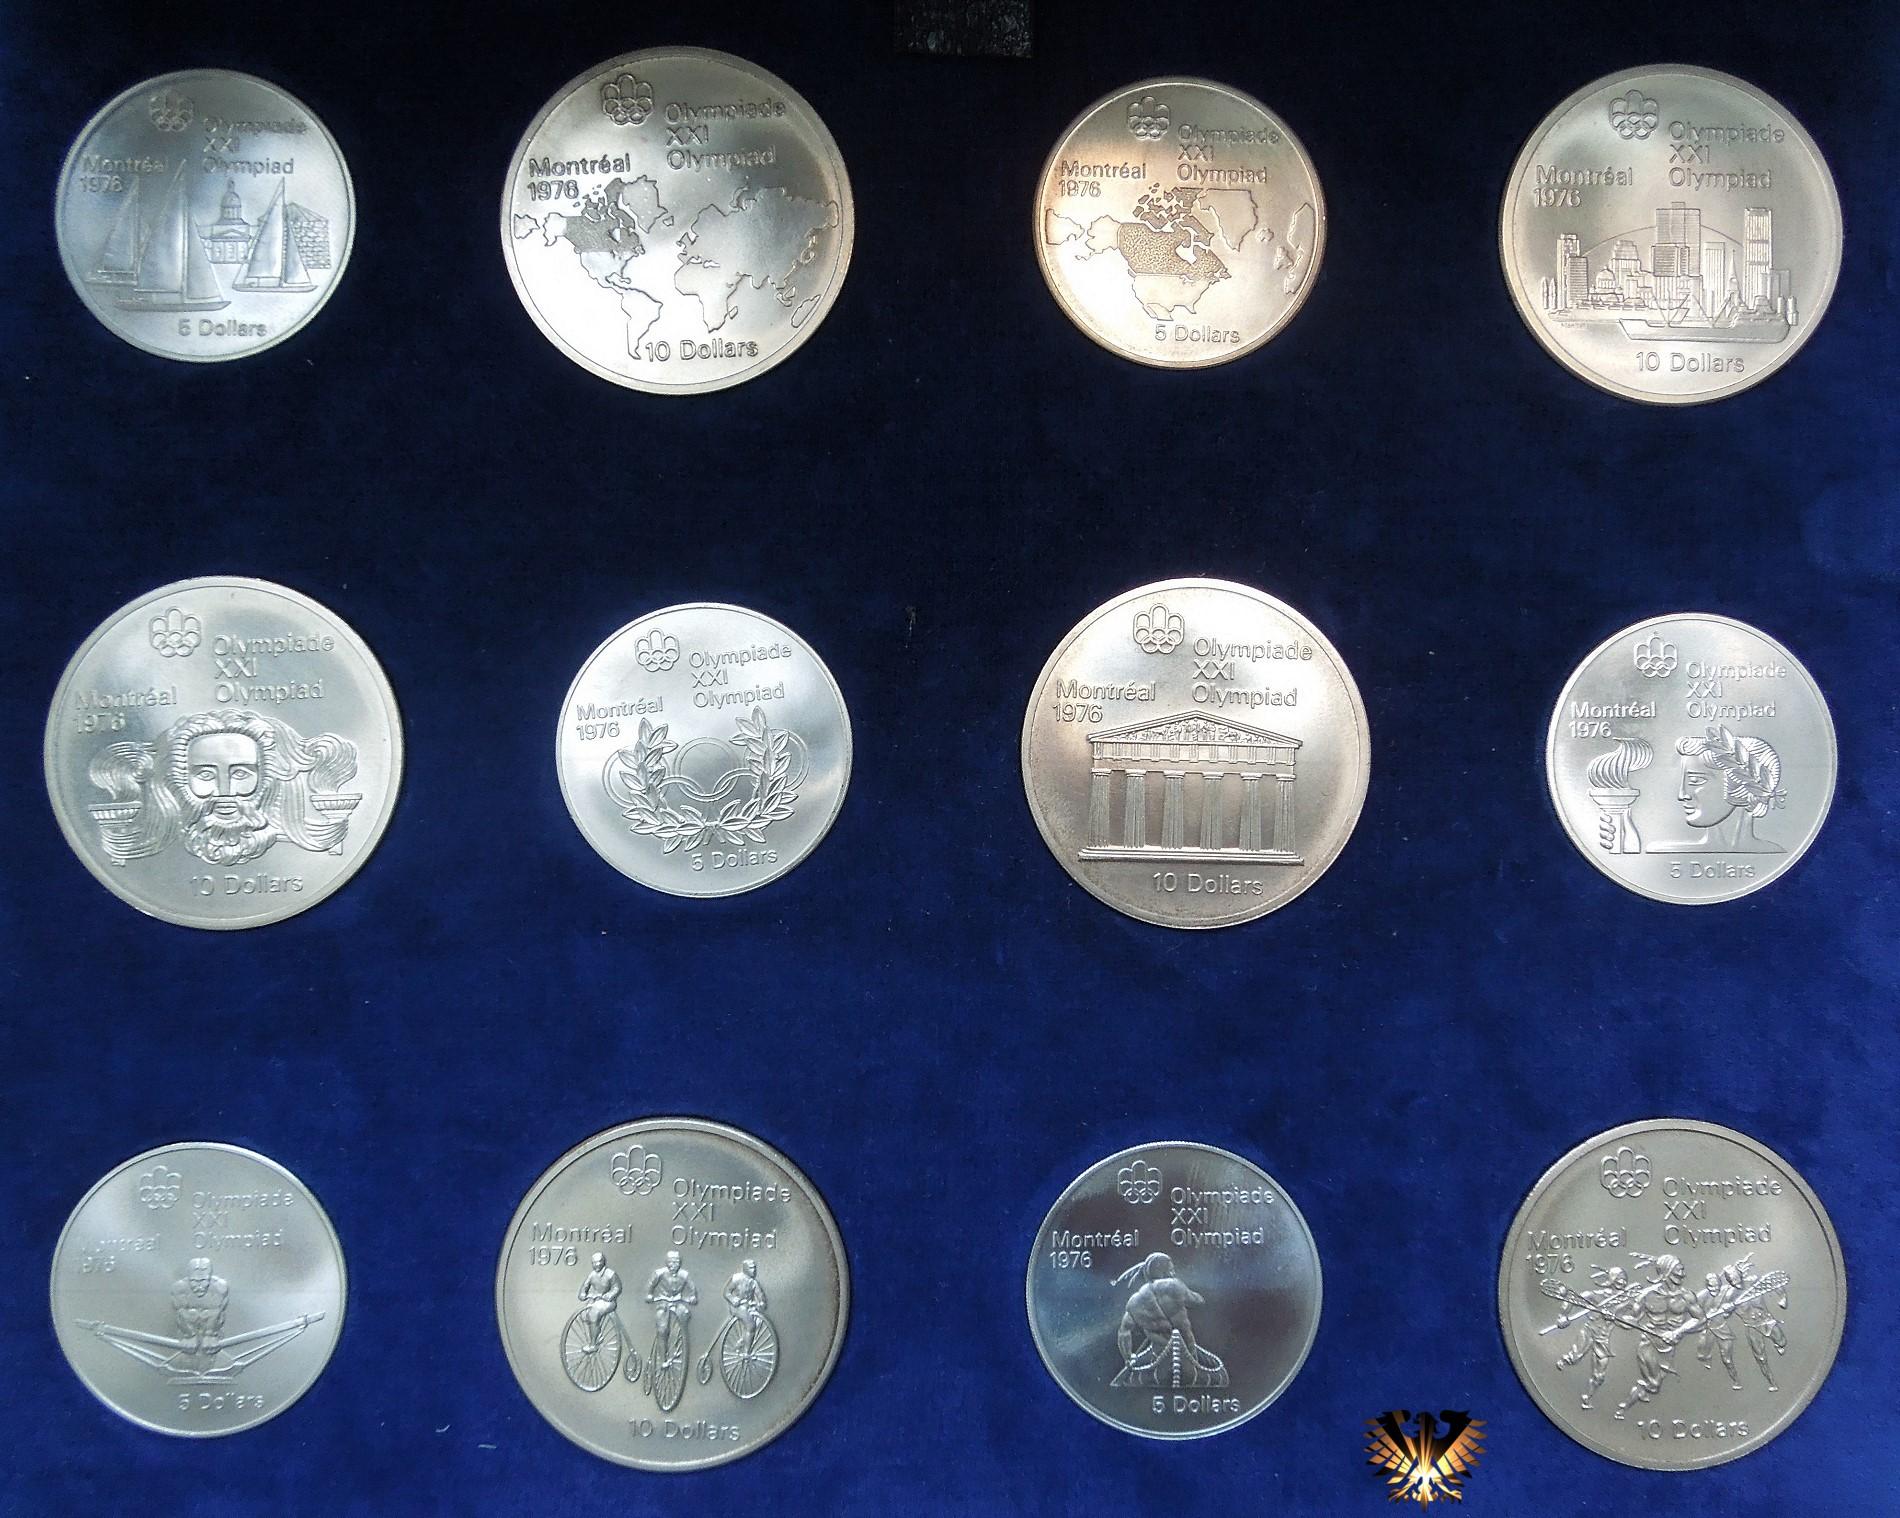 10 Dollars Canada 1976 Elizabeth Ii Xxi Olympiad Montréal 1976